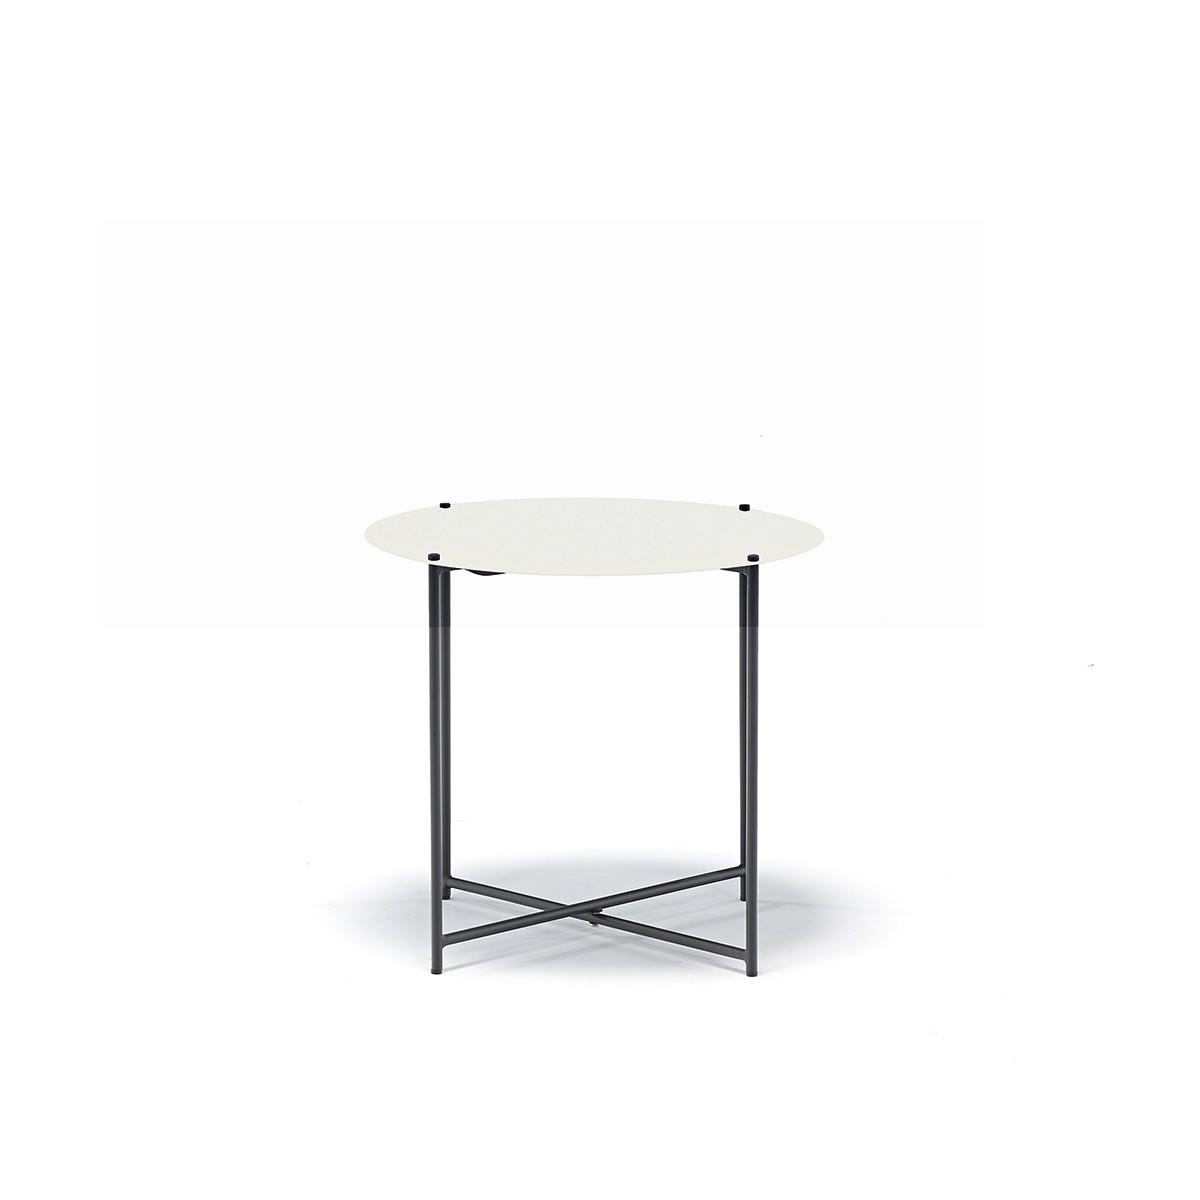 Tavolo Richiudibile Rotondo Da Esterno In Ferro Antracite Top Bianco